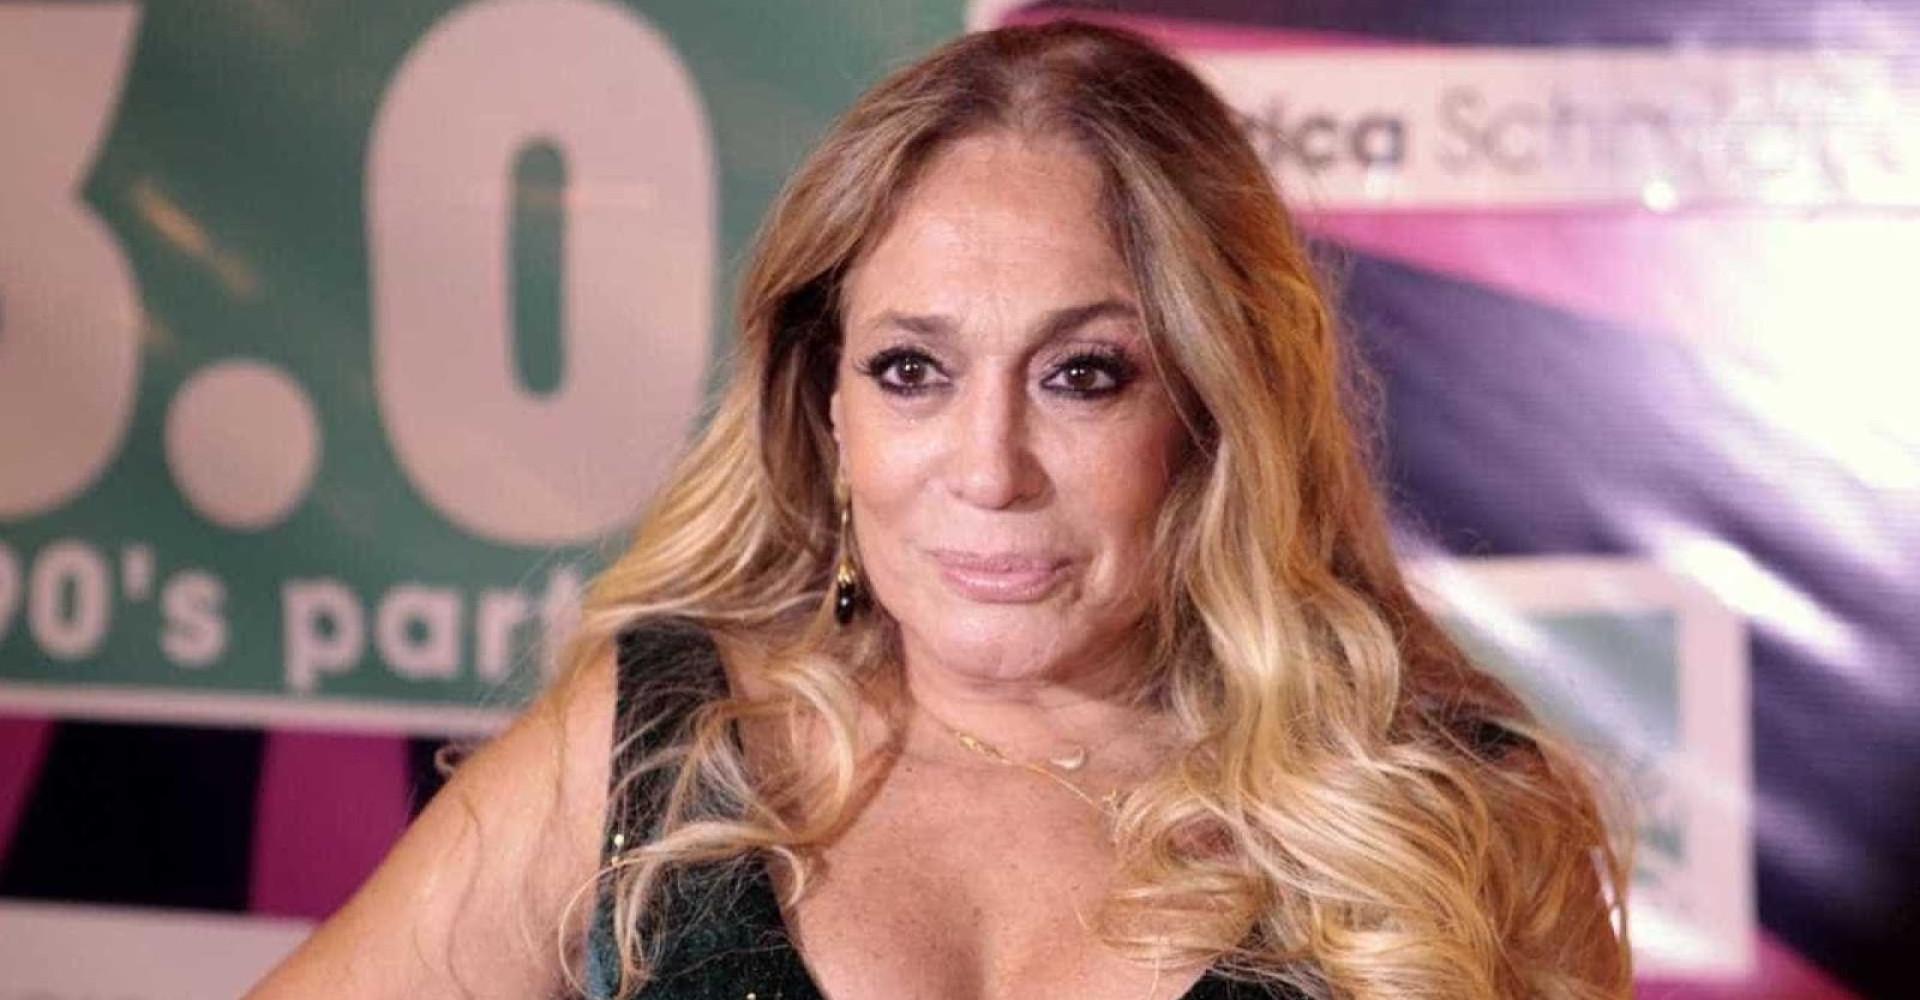 Susana Vieira Disse Que Já Se Apaixonou Por Cauã Reymond